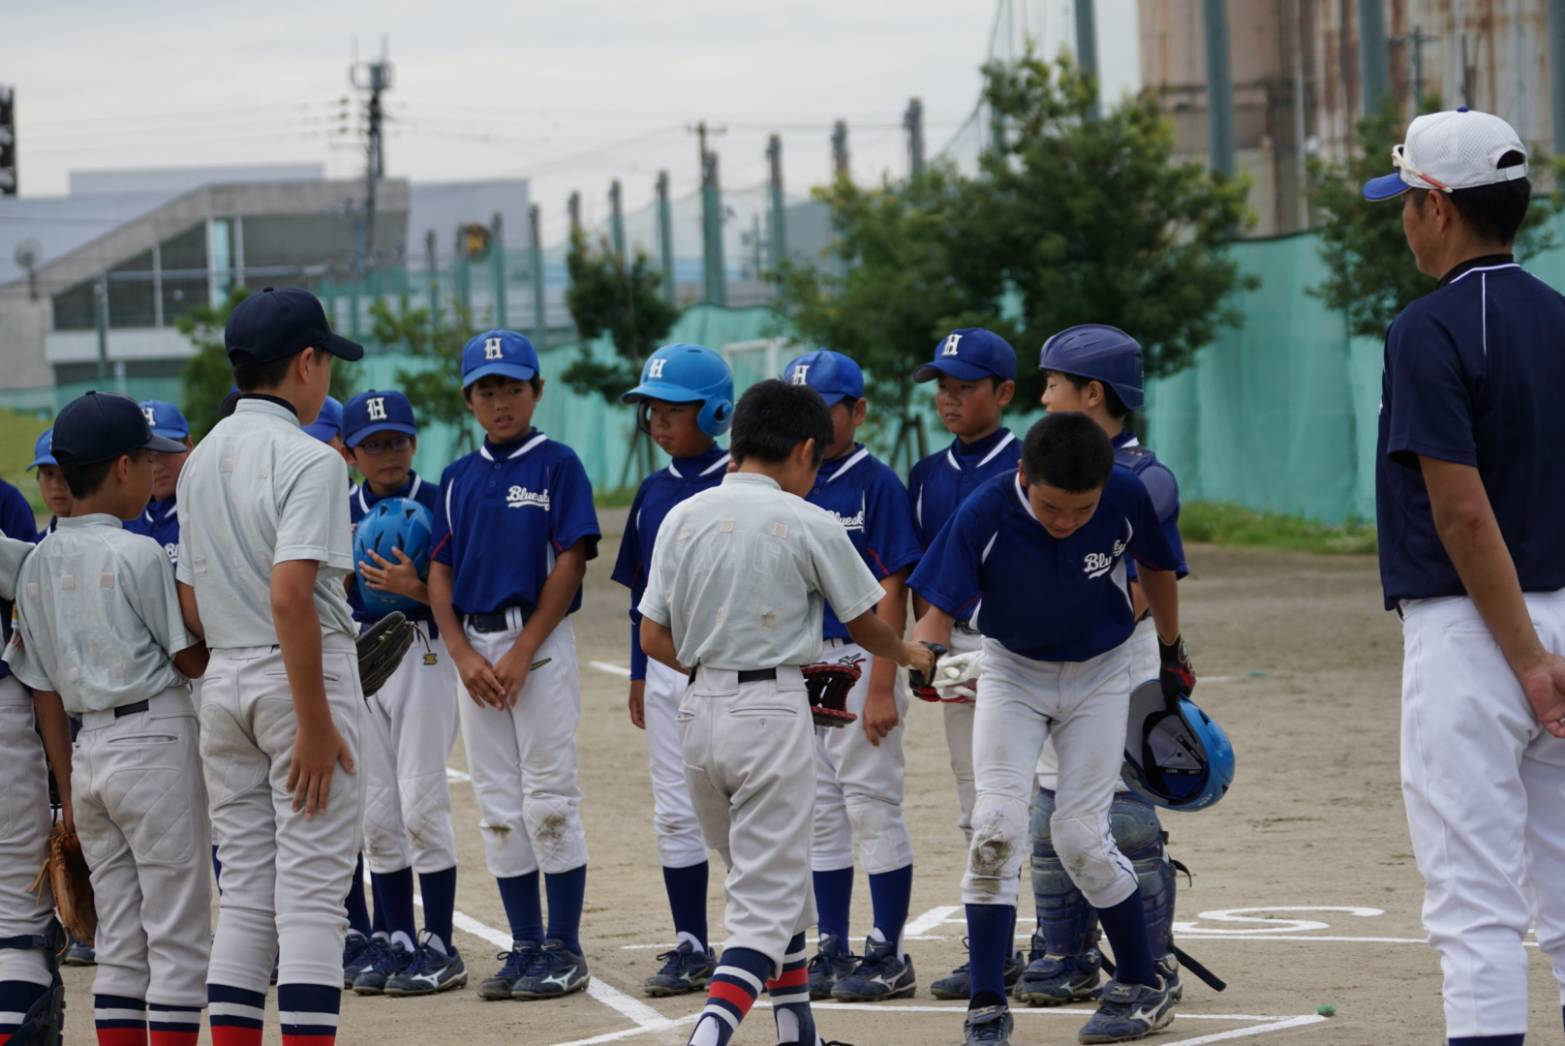 練習試合結果です!vs赤城ベースボールクラブさん_b0095176_15594007.jpeg